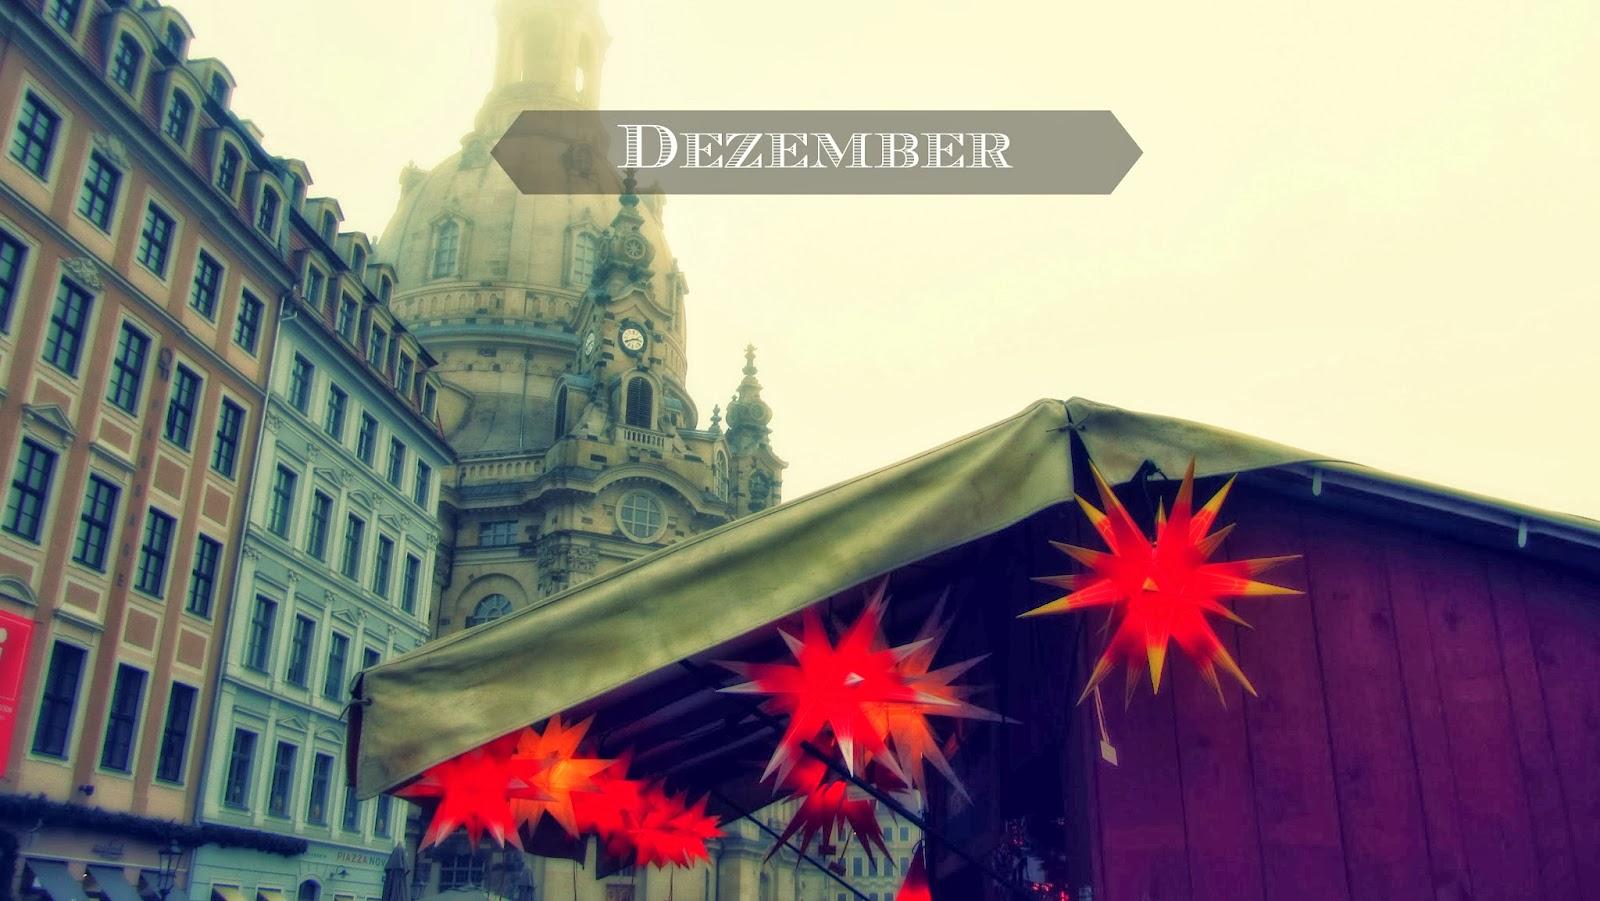 http://sussysmediterraneantreasures.blogspot.com.es/2013/12/dresdens-weihnachtsmarkte-mittelalter.html